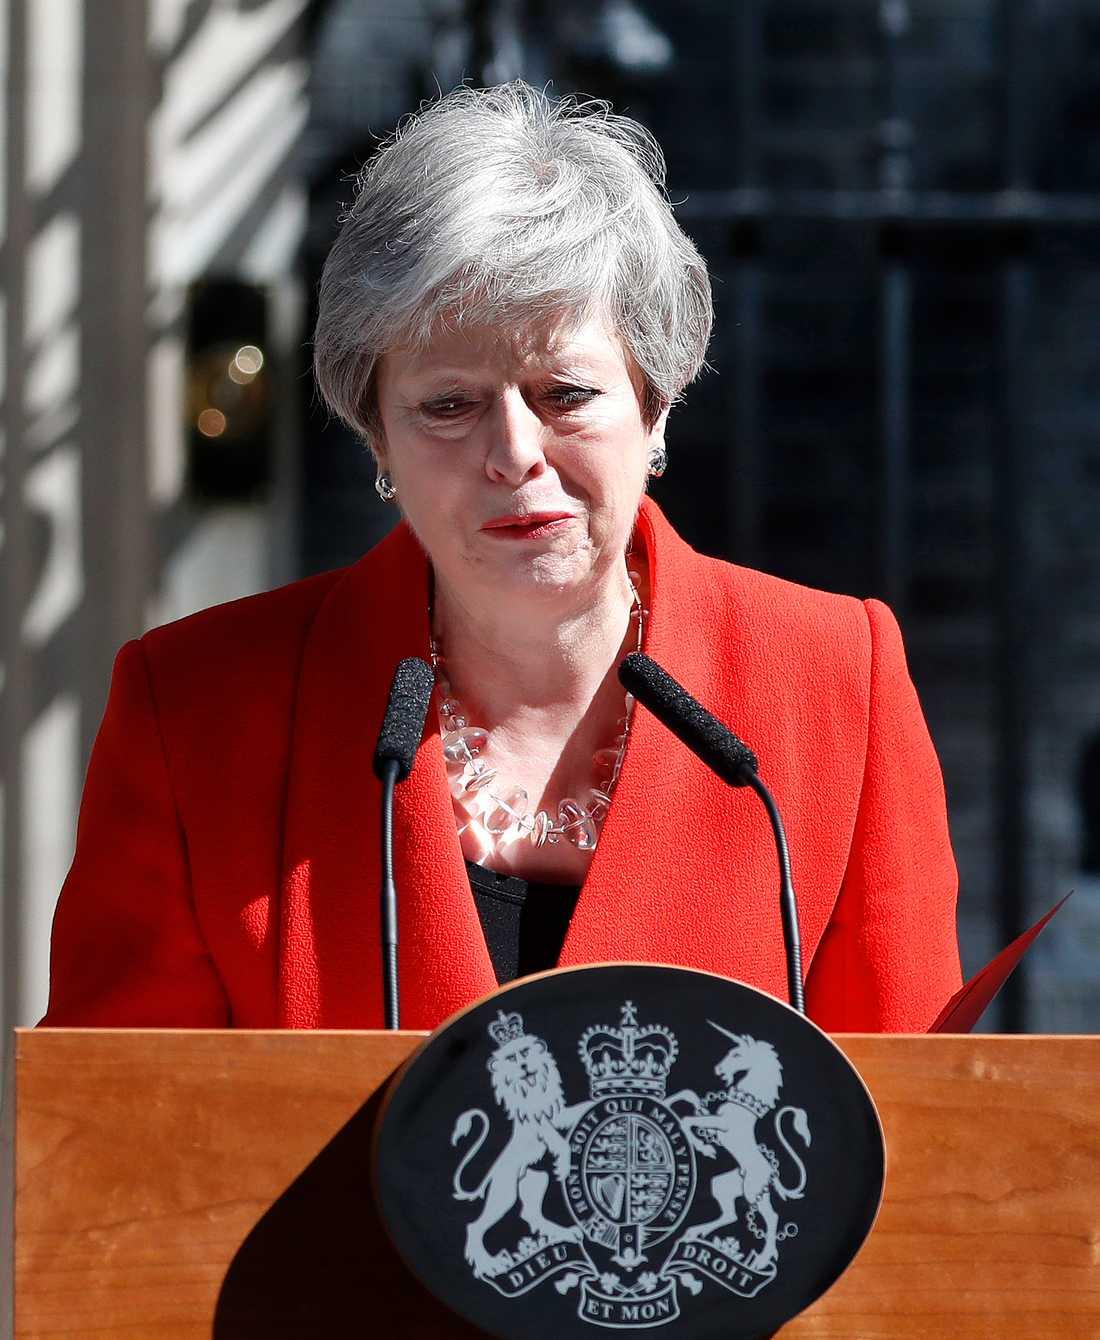 """""""Jag har gjort mitt bästa"""", sa Theresa May under talet där hon meddelade sin avgång."""